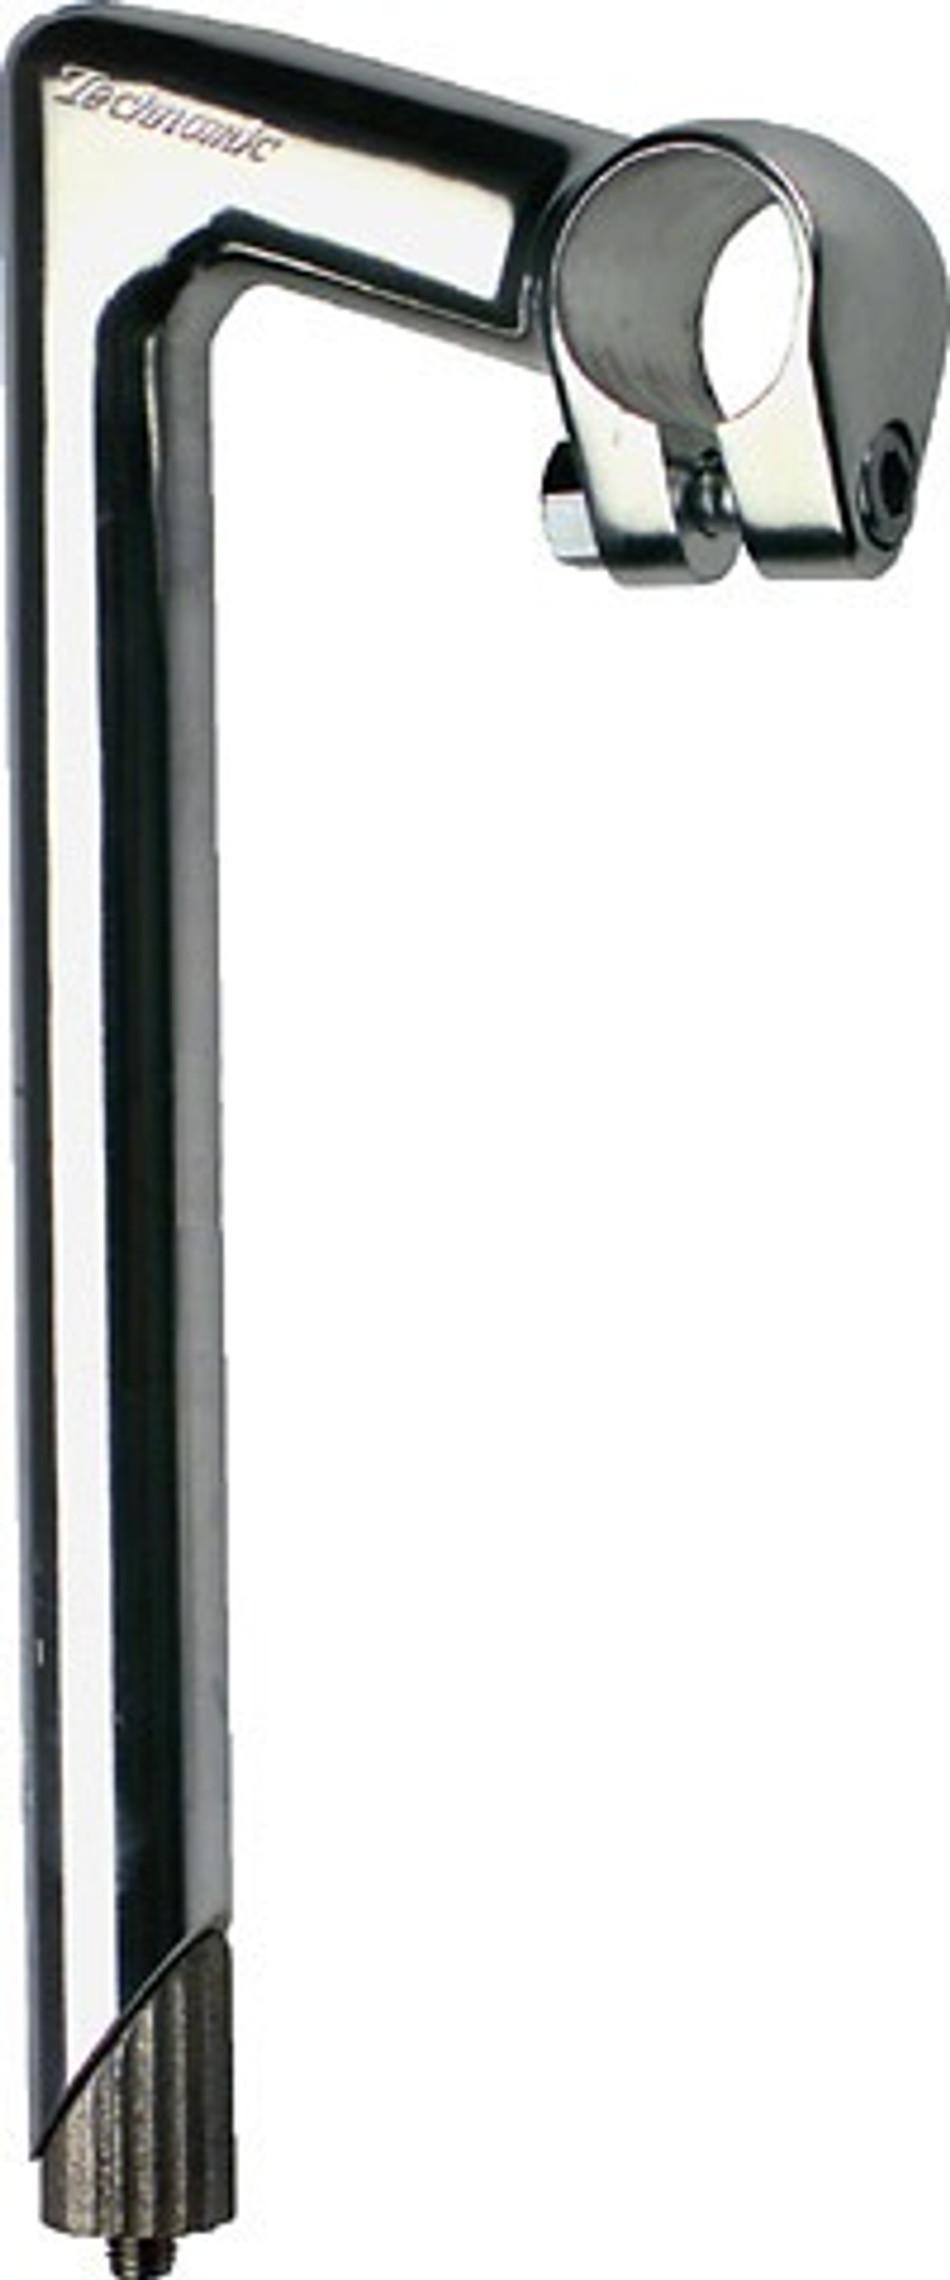 Nitto Technomic NTC-225 Tall Quill Stem: 110mm x 26mm (NEW)